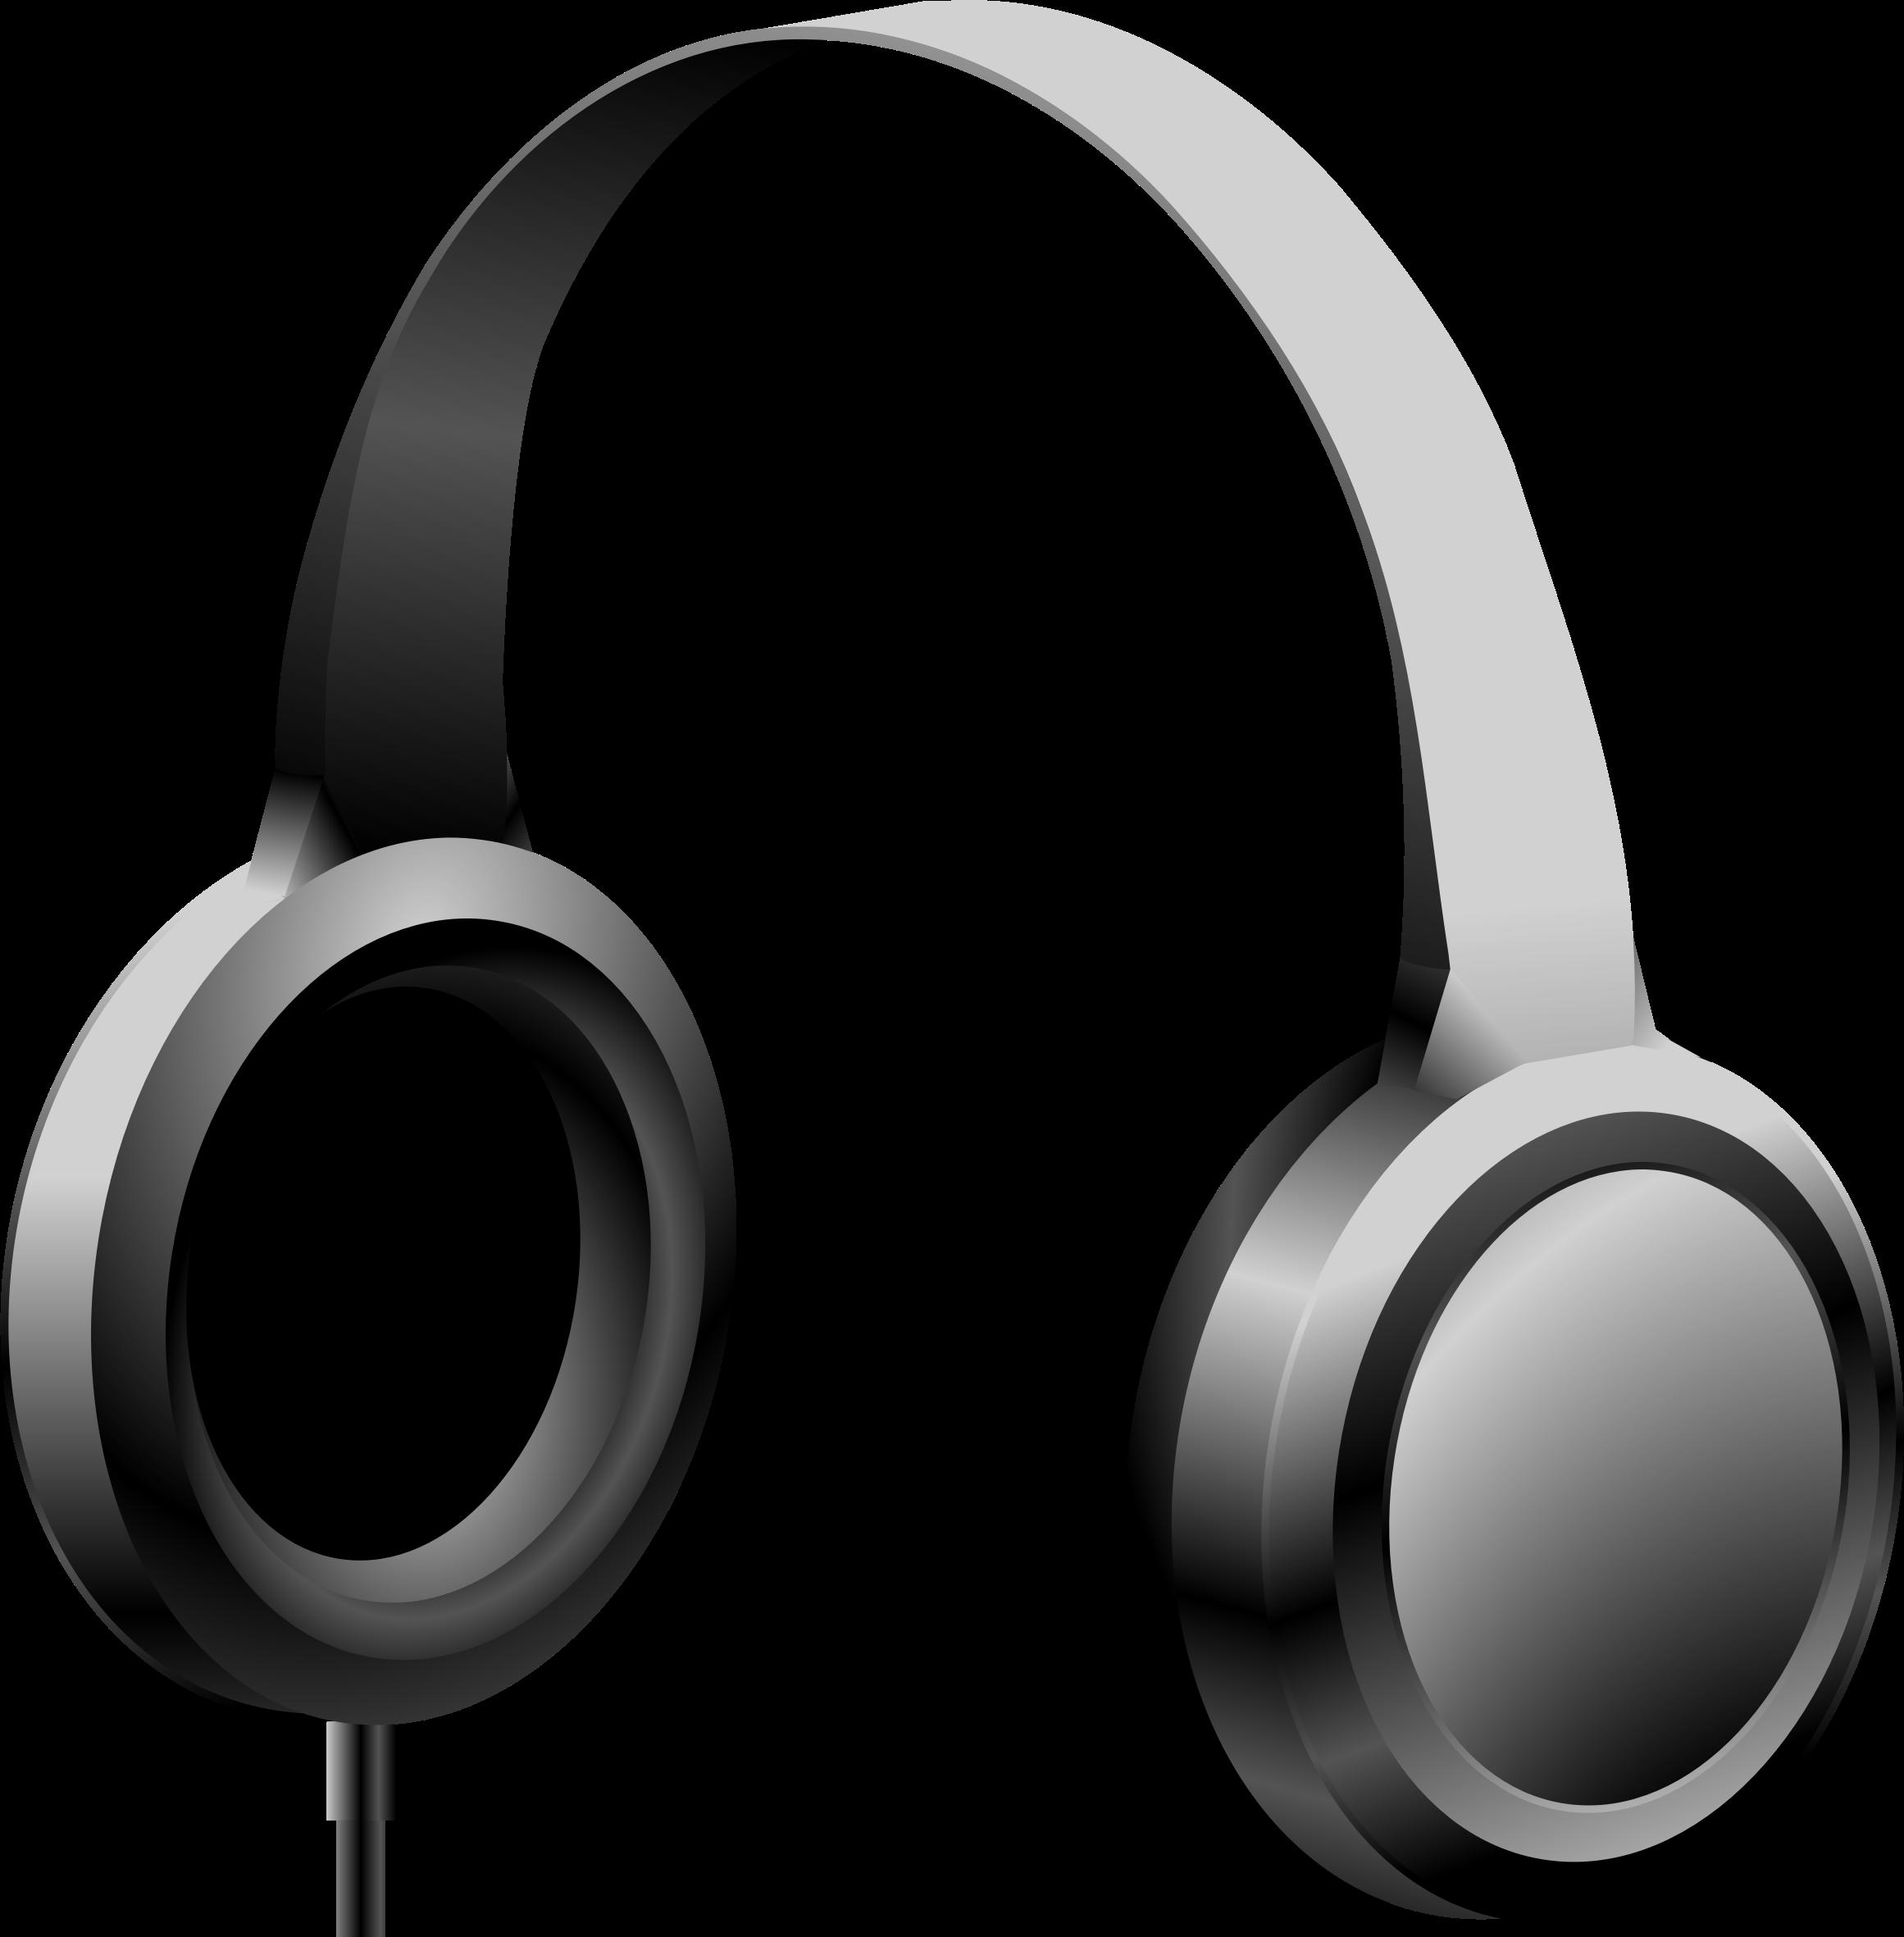 Retro clipart headphone. Headphones ausin s icons